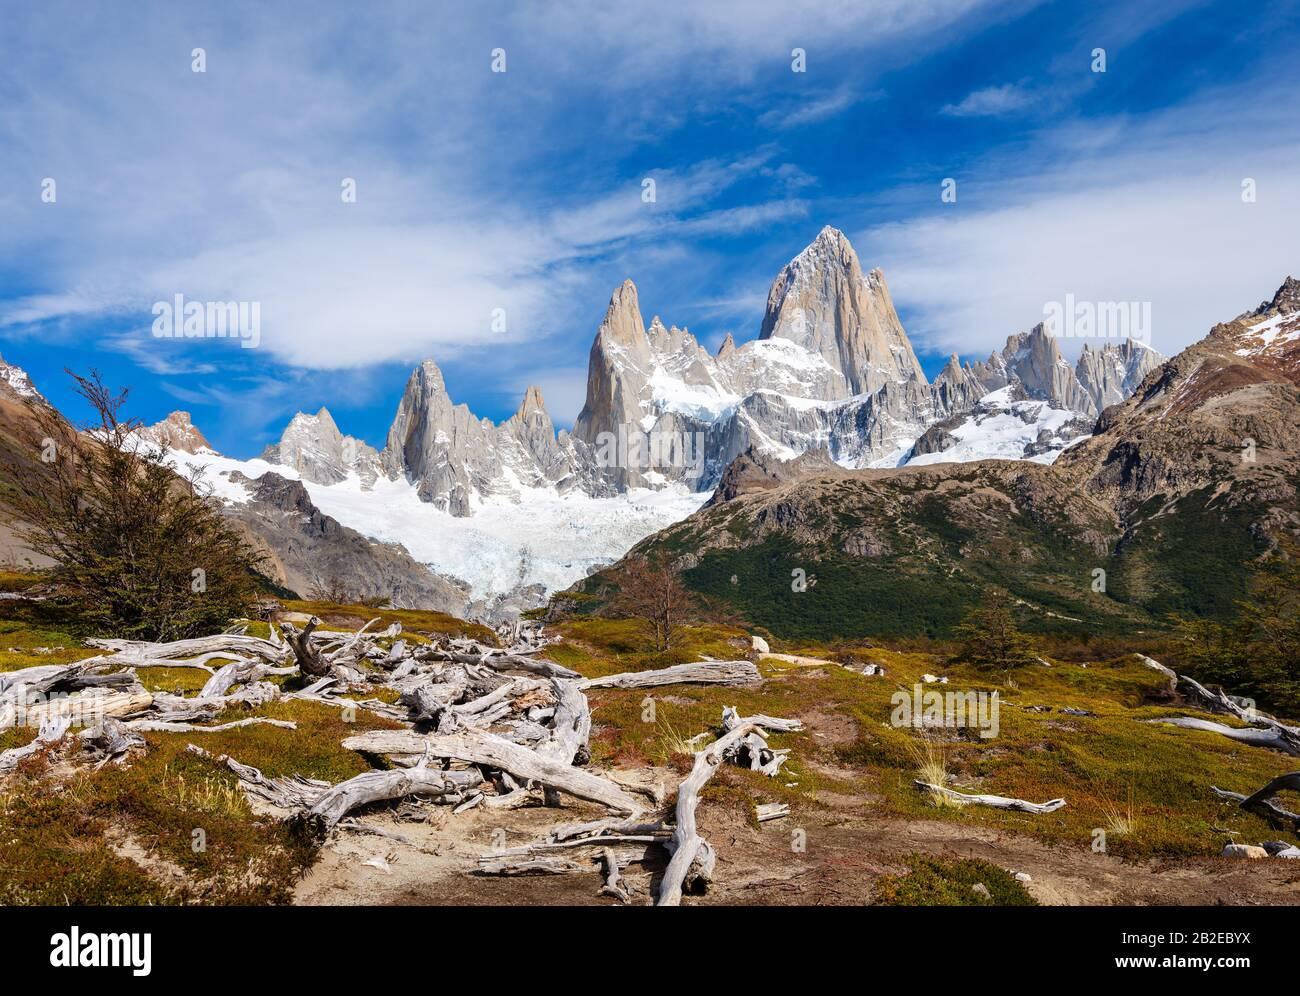 PARQUE Nacional LOS GLACIARES, ARGENTINA - ALREDEDOR DE FEBRERO 2019: Valle y árboles muertos en el Parque Nacional los Glaciares en Argentina. Foto de stock